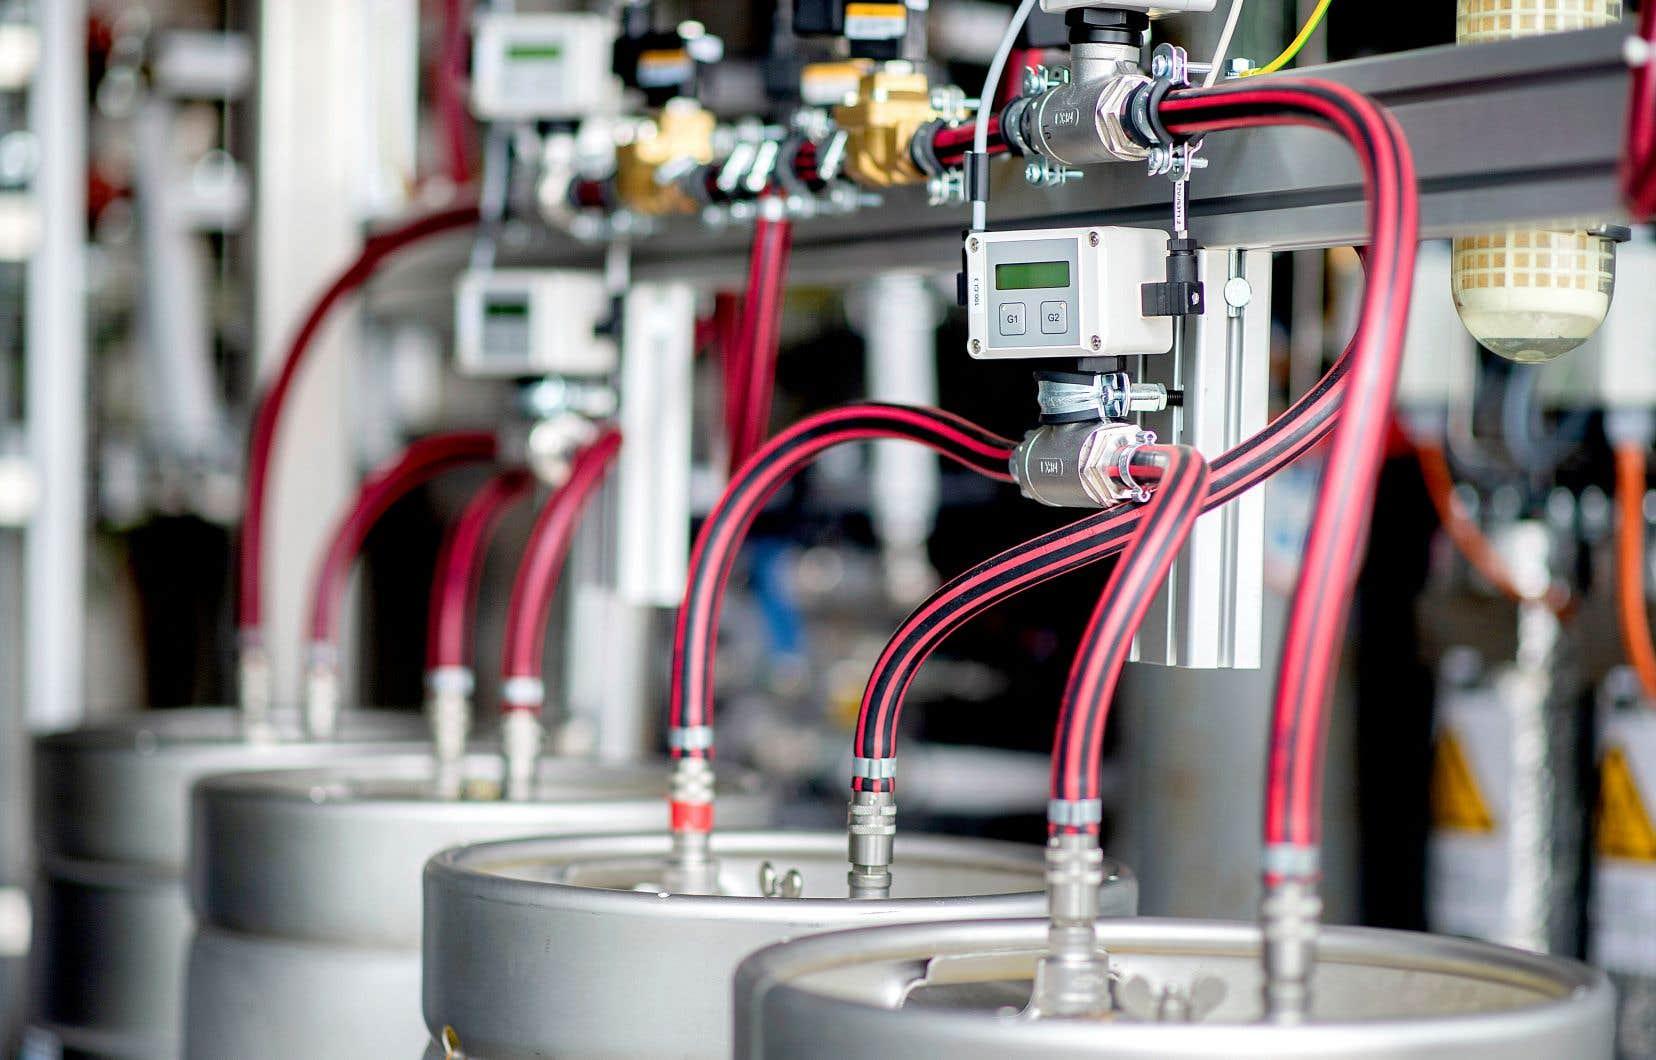 Une partie des équipements servant à produire de l'hydrogène par l'électrolyse dans une usine d'Elsfleth en Allemagne